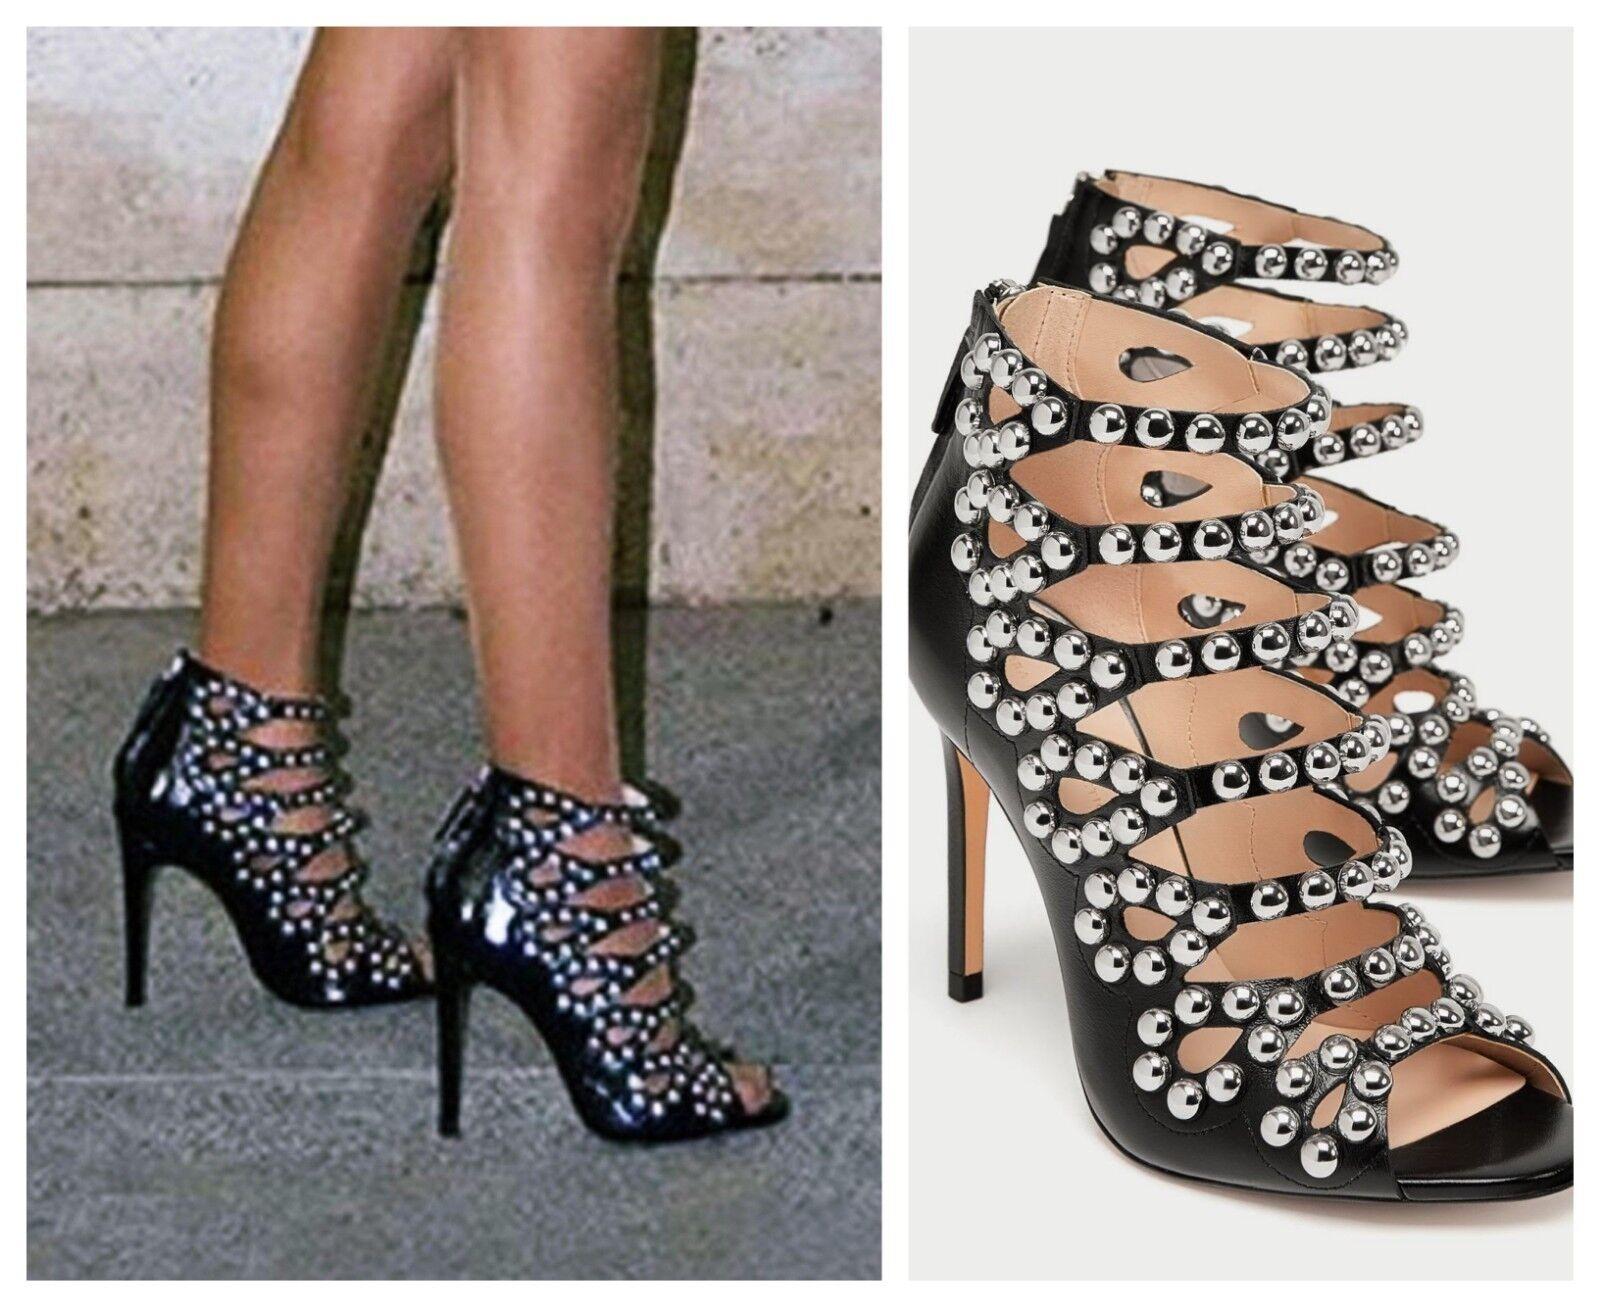 Zara Noires Cloutées Cuir Verni Talon Haut Gladiateur Sandales Chaussures UK6 bloggers